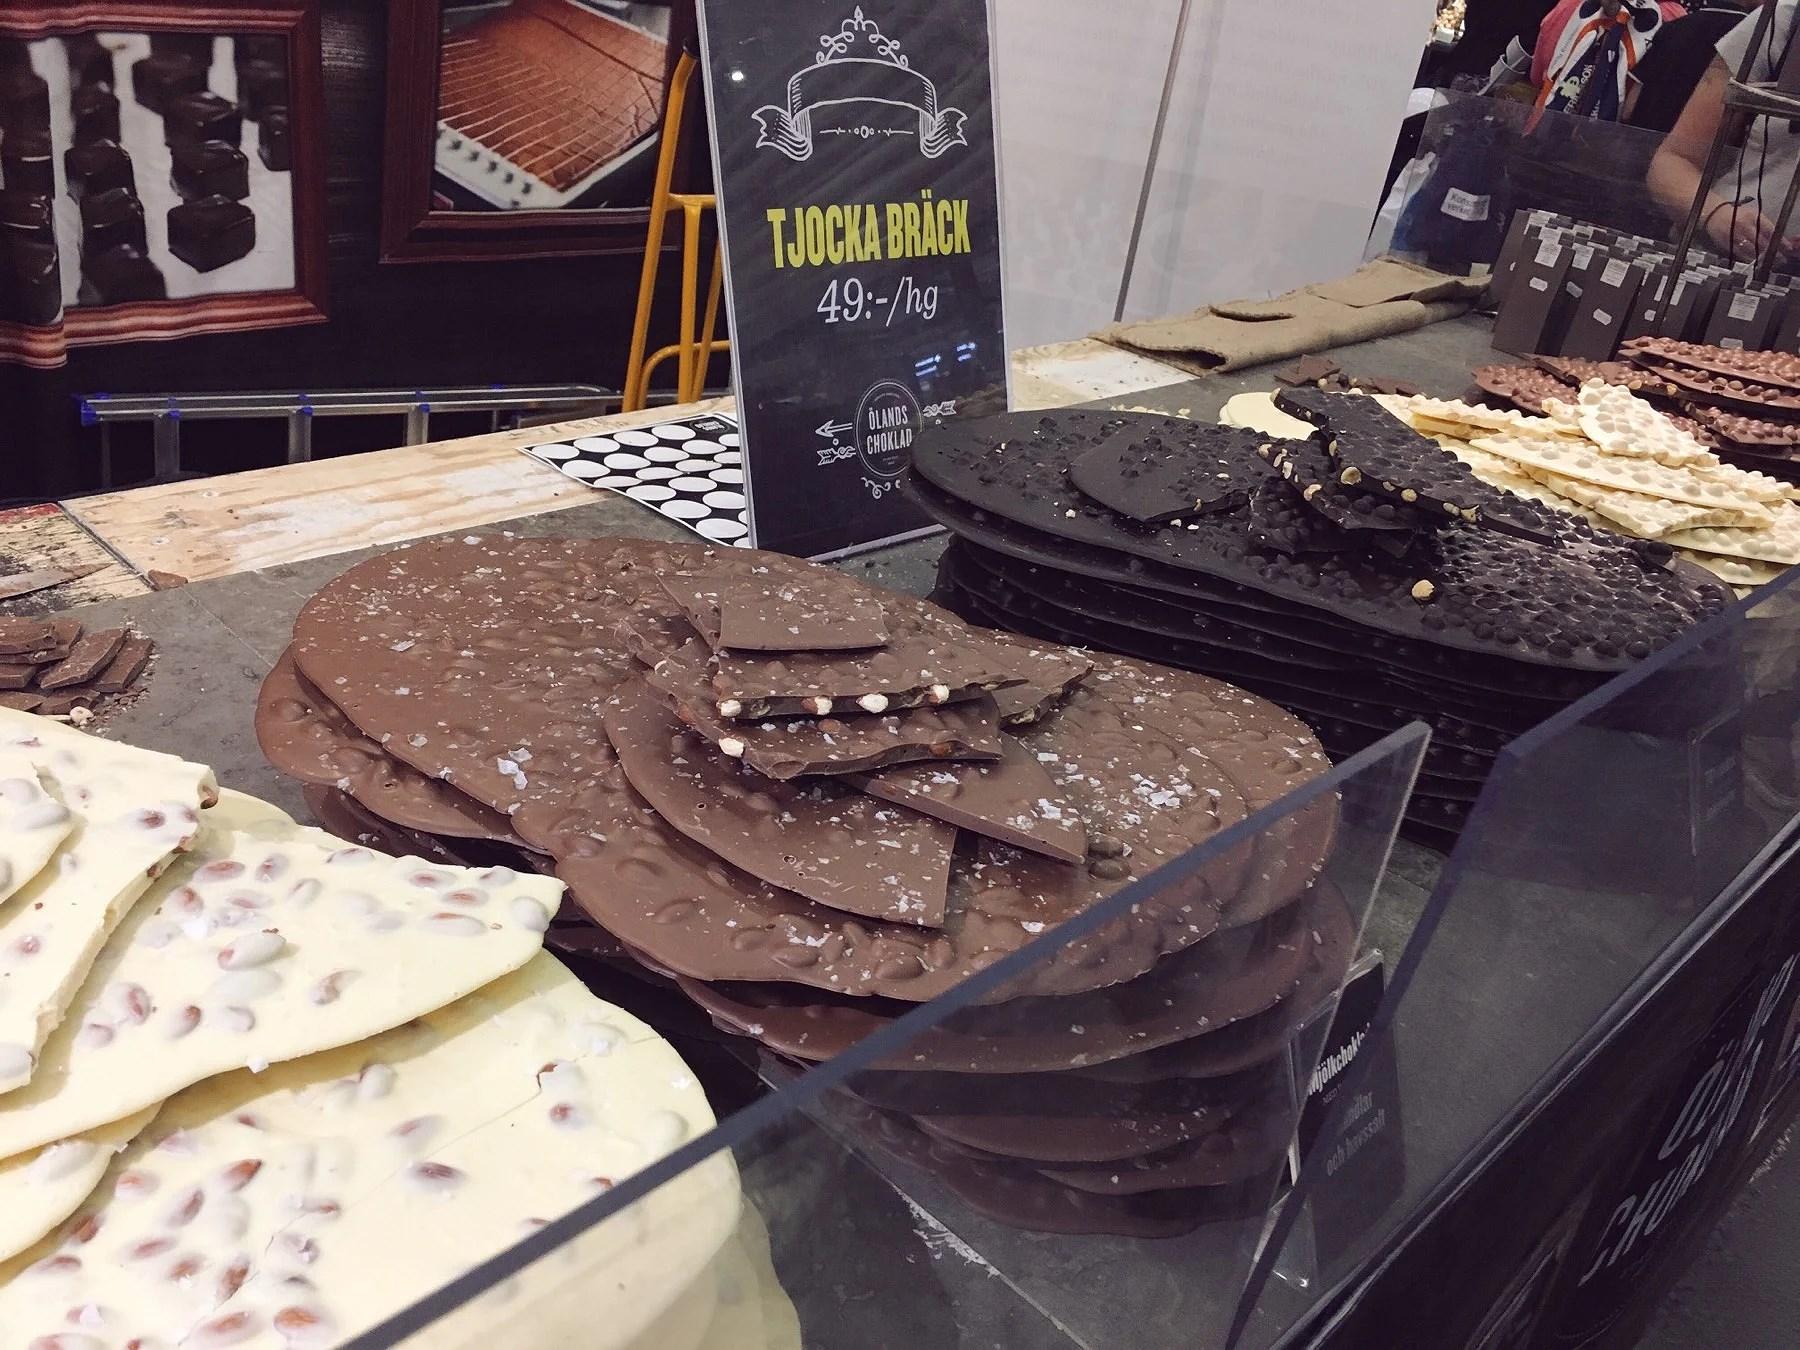 choklad och bakmässa